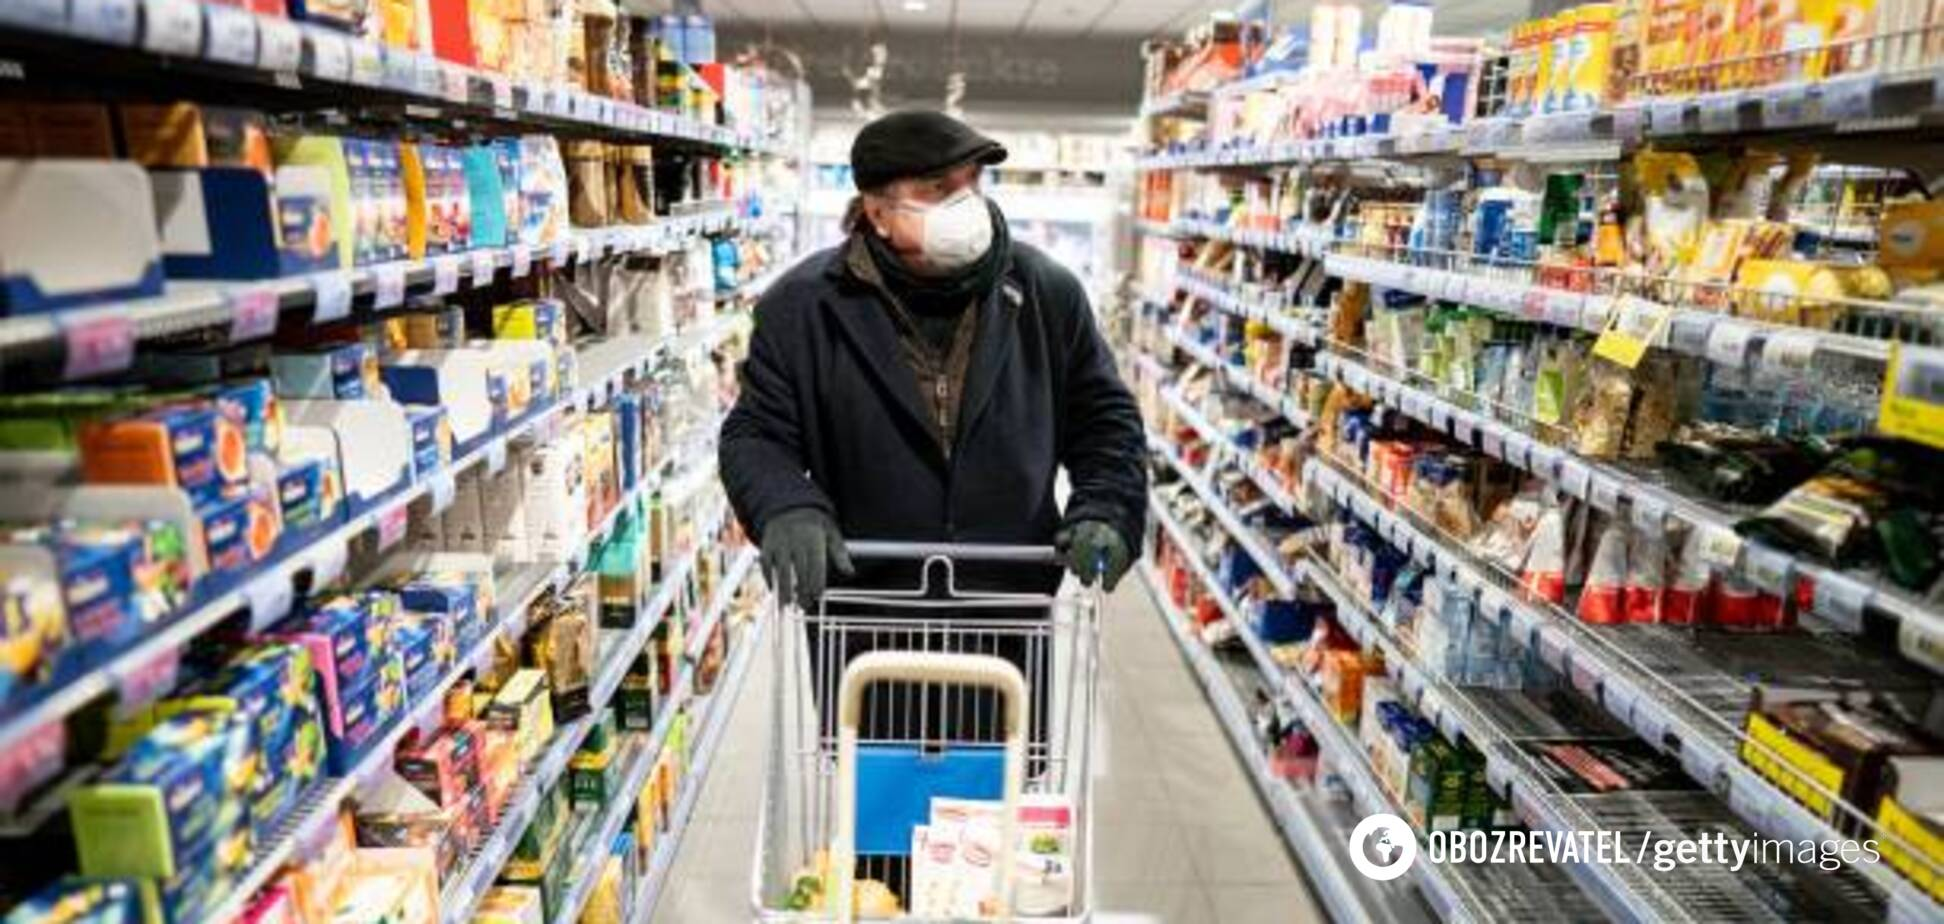 Коронавірус: лікар розповів, як знизити ризик зараження під час купування продуктів